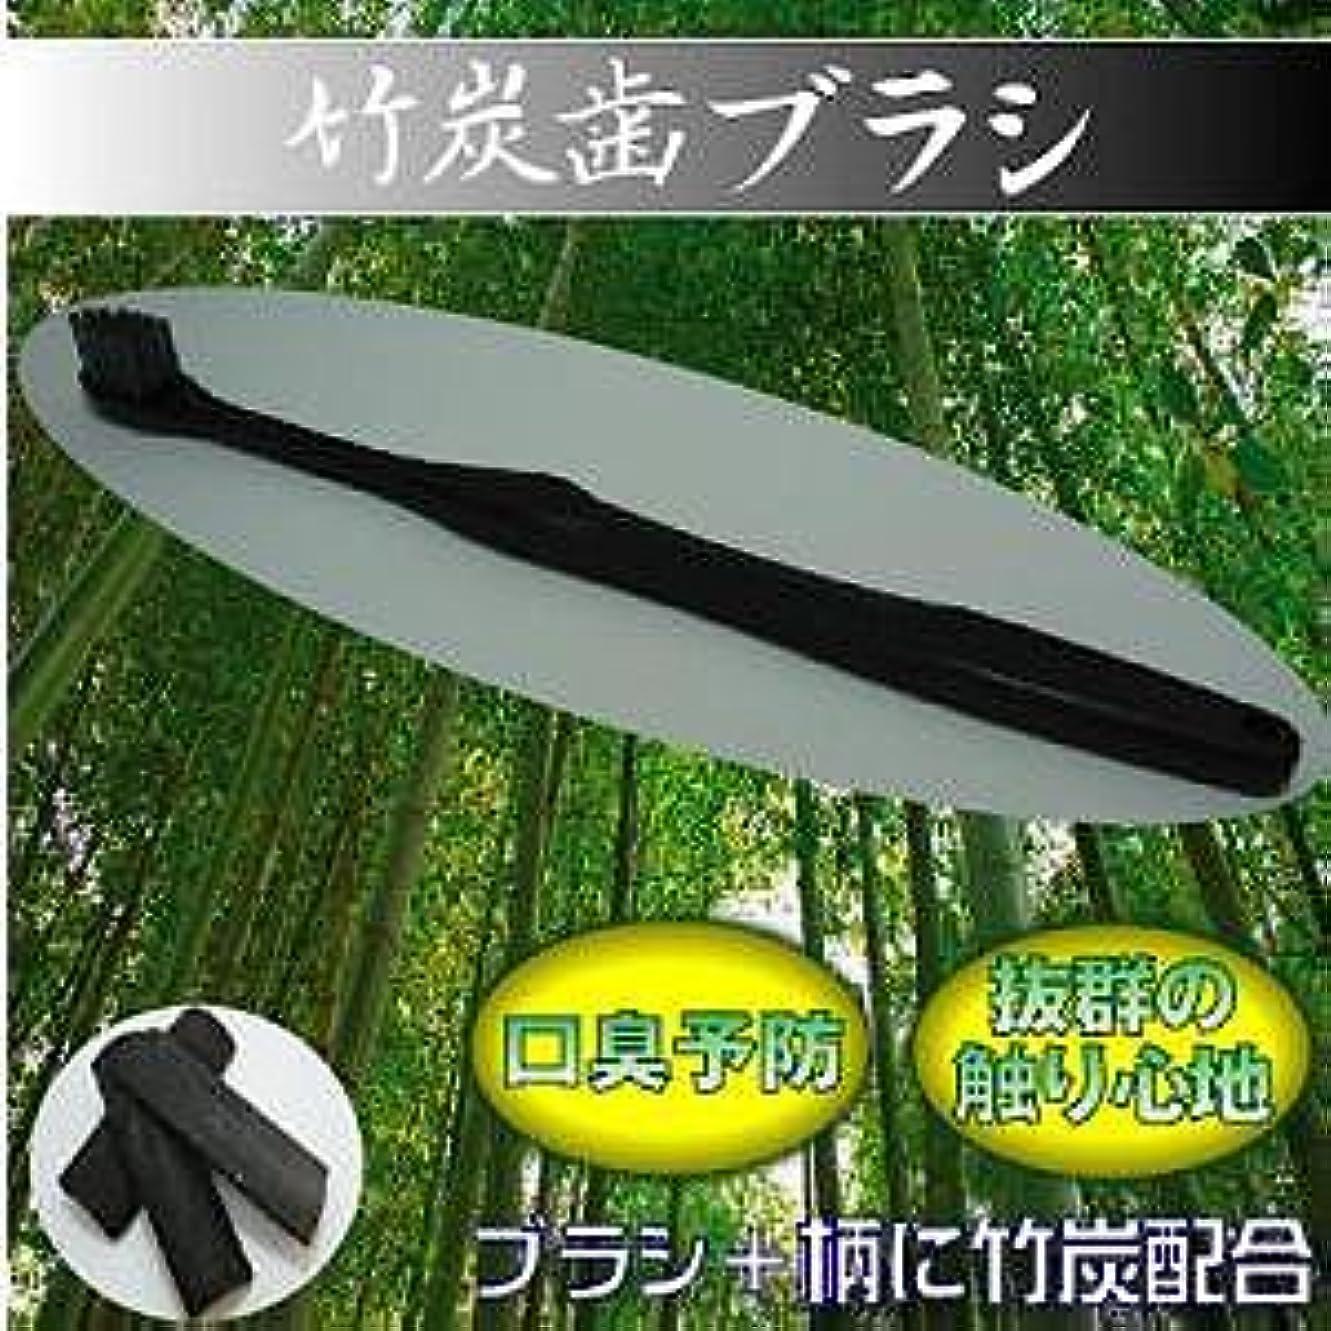 カプラー所持試す竹炭歯ブラシ4本セット